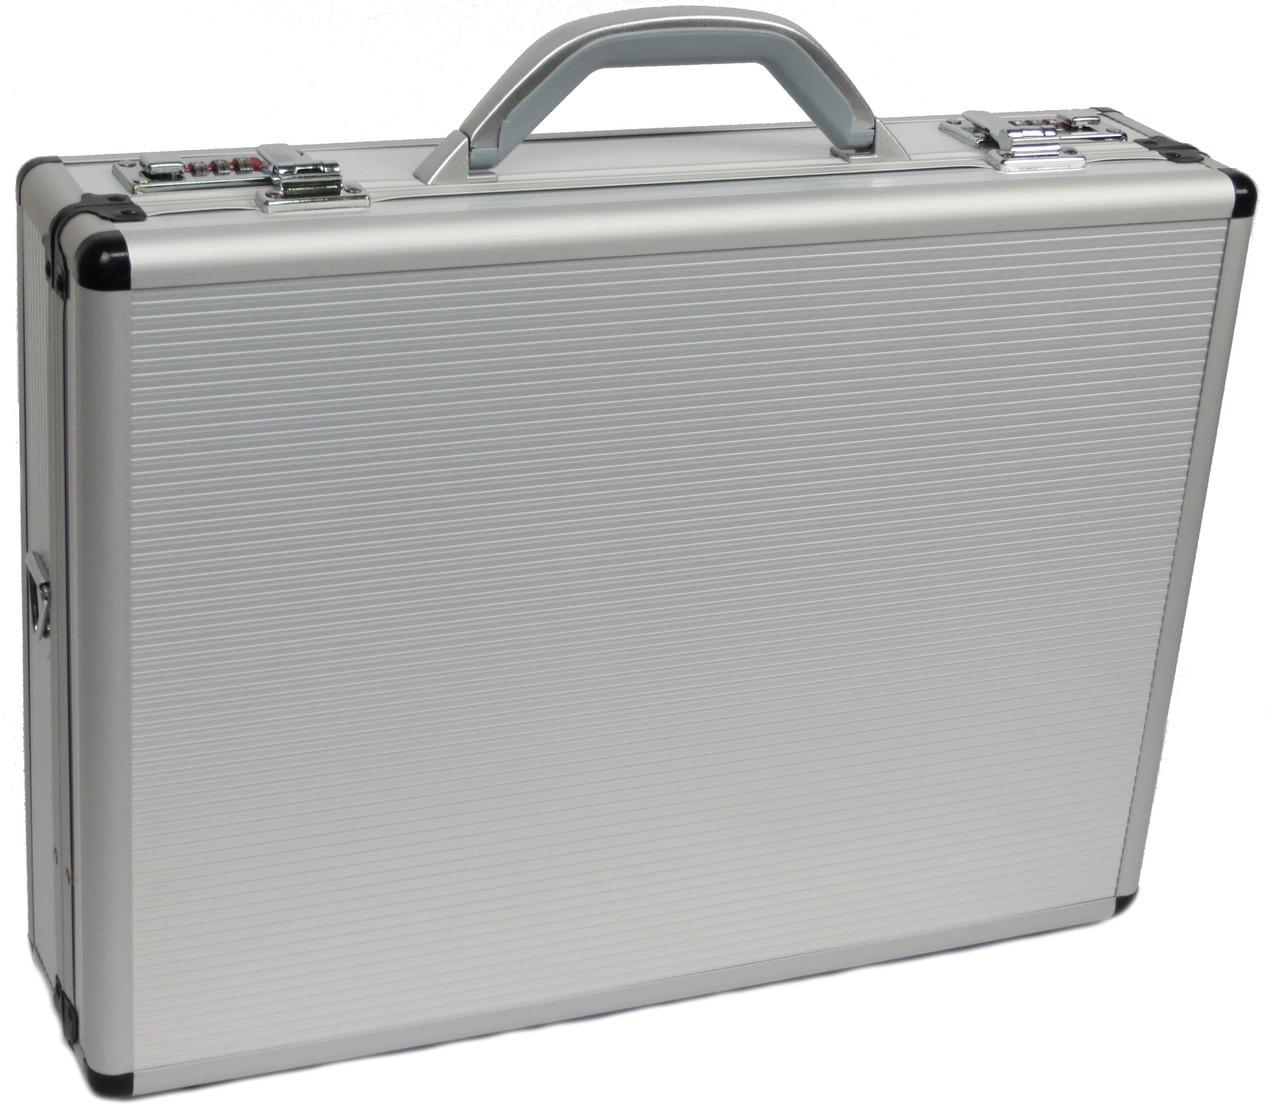 Алюминиевый кейс/дипломат для документов кодовый замок SAFE D-73703